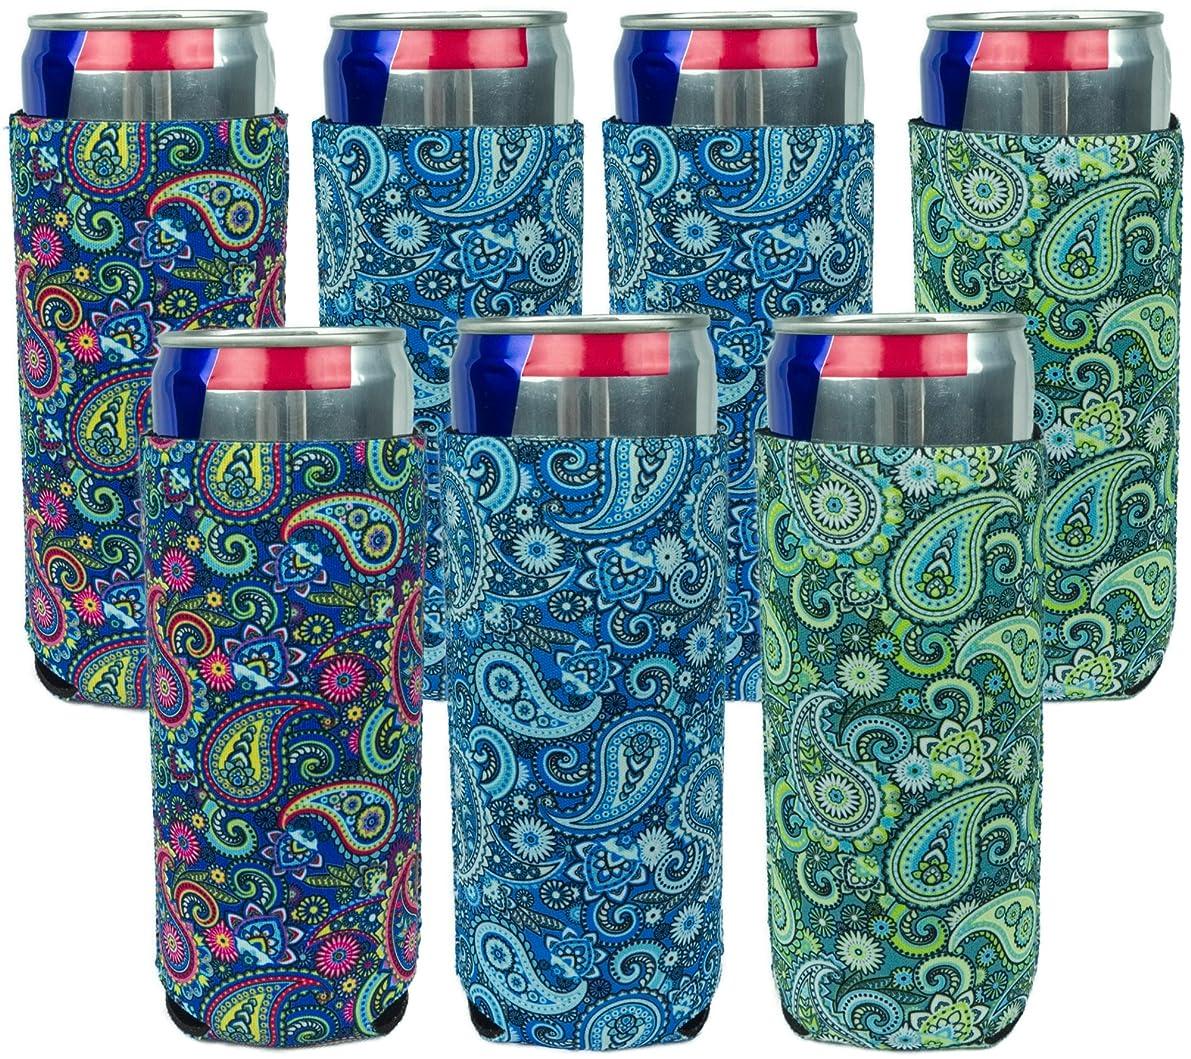 Neoprene Slim Can Sleeves - Pack of 7 Paisley coolies - Fit 12 oz Energy Drink & Beer Slim Cans (7, Paisley)